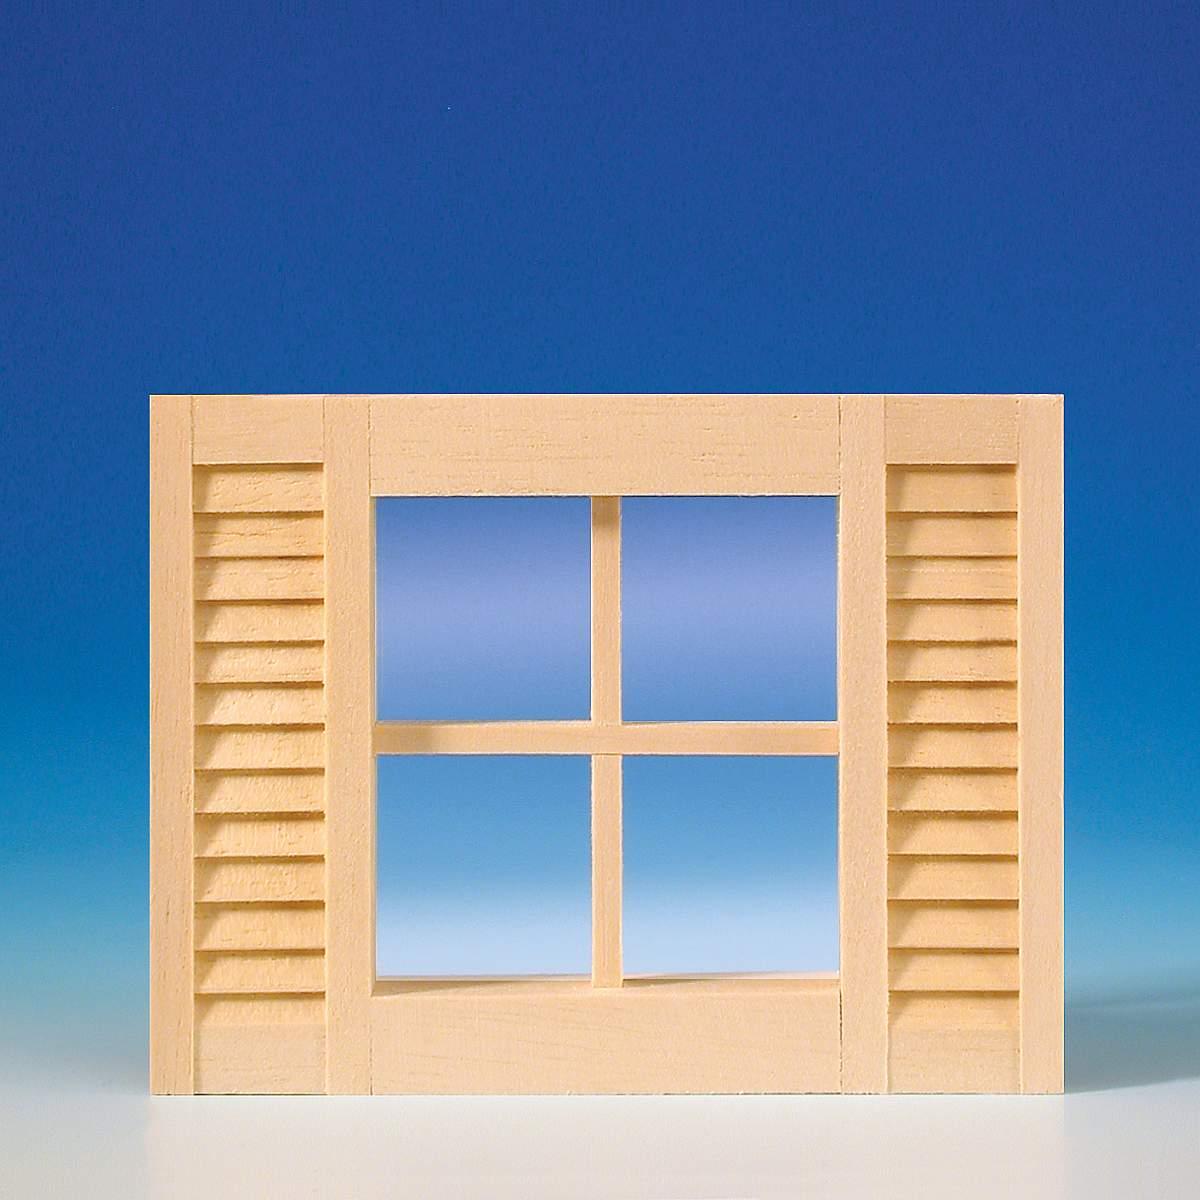 Window with lattices